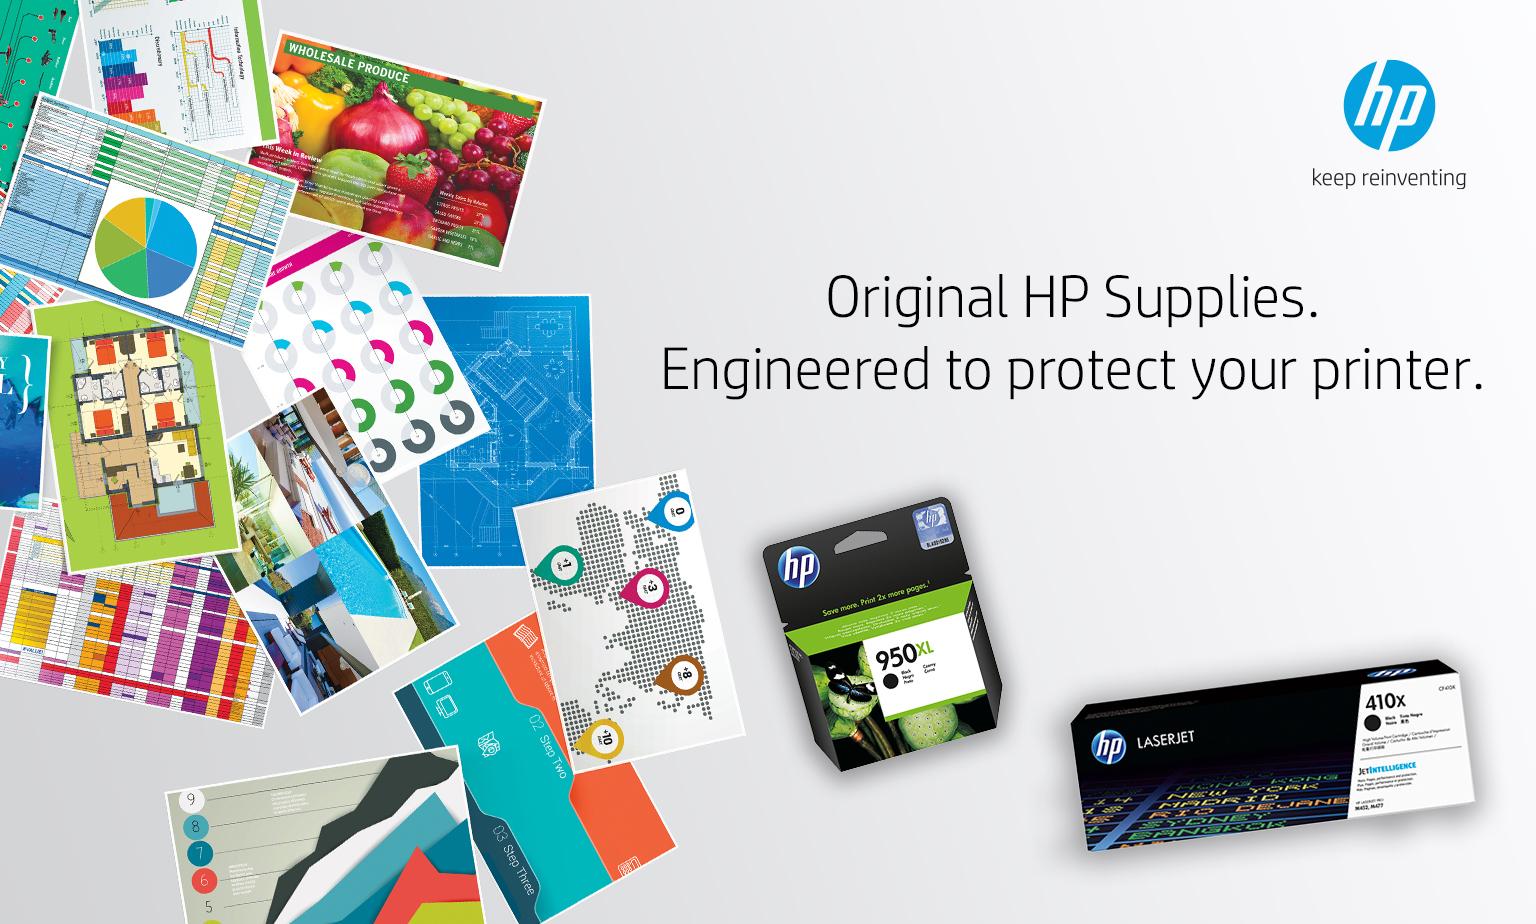 Original HP Supplies